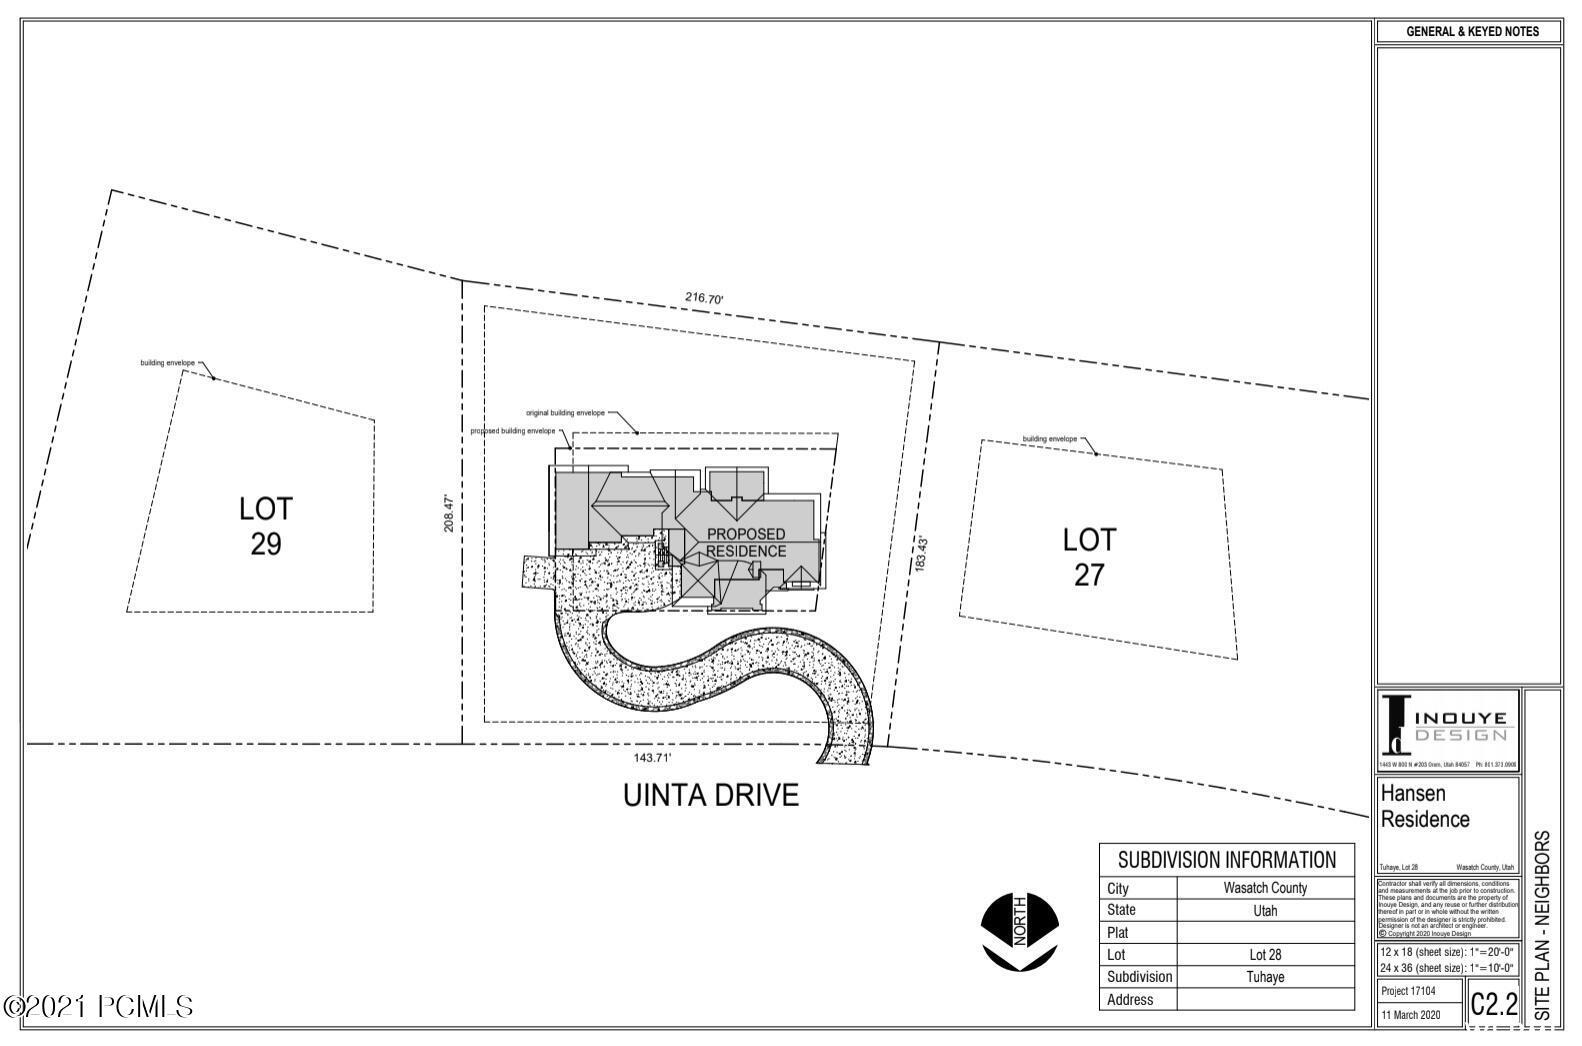 9405 N Uinta Drive